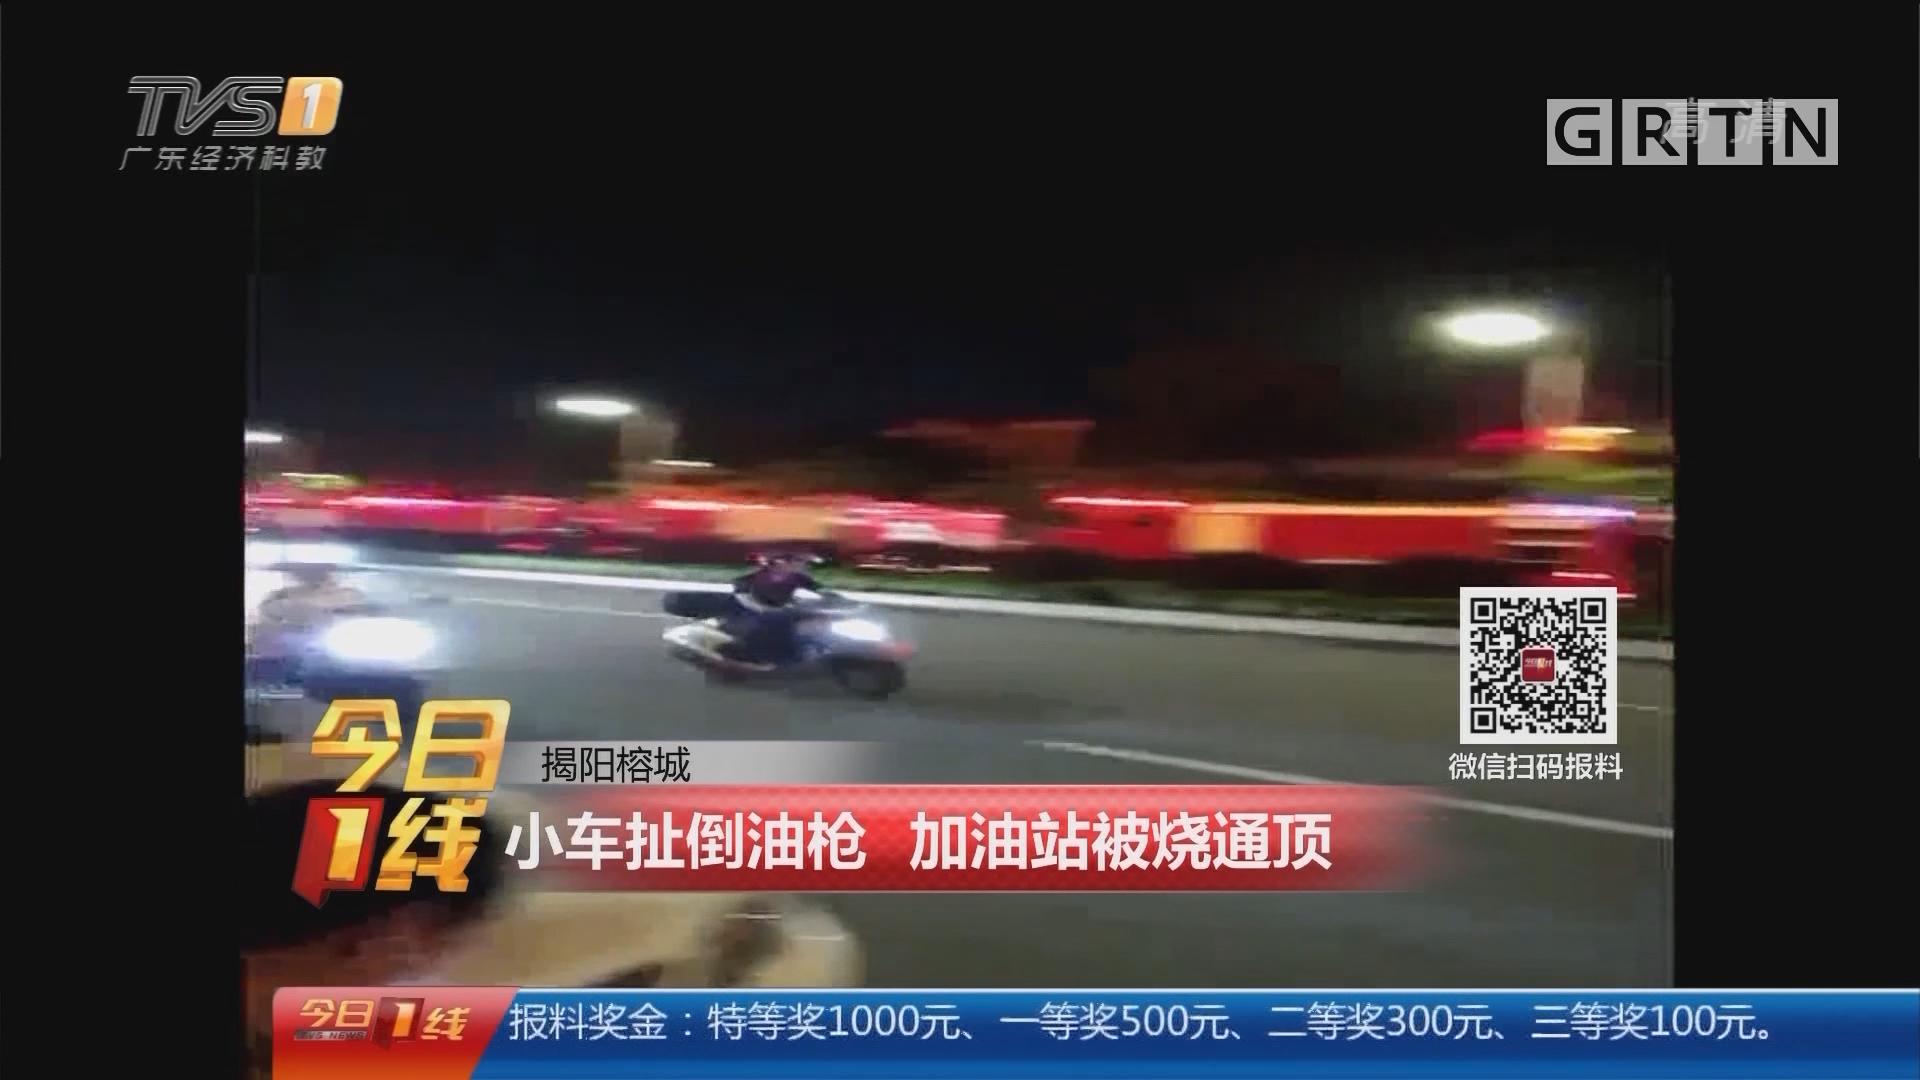 揭阳榕城:小车扯倒油枪 加油站被烧通顶